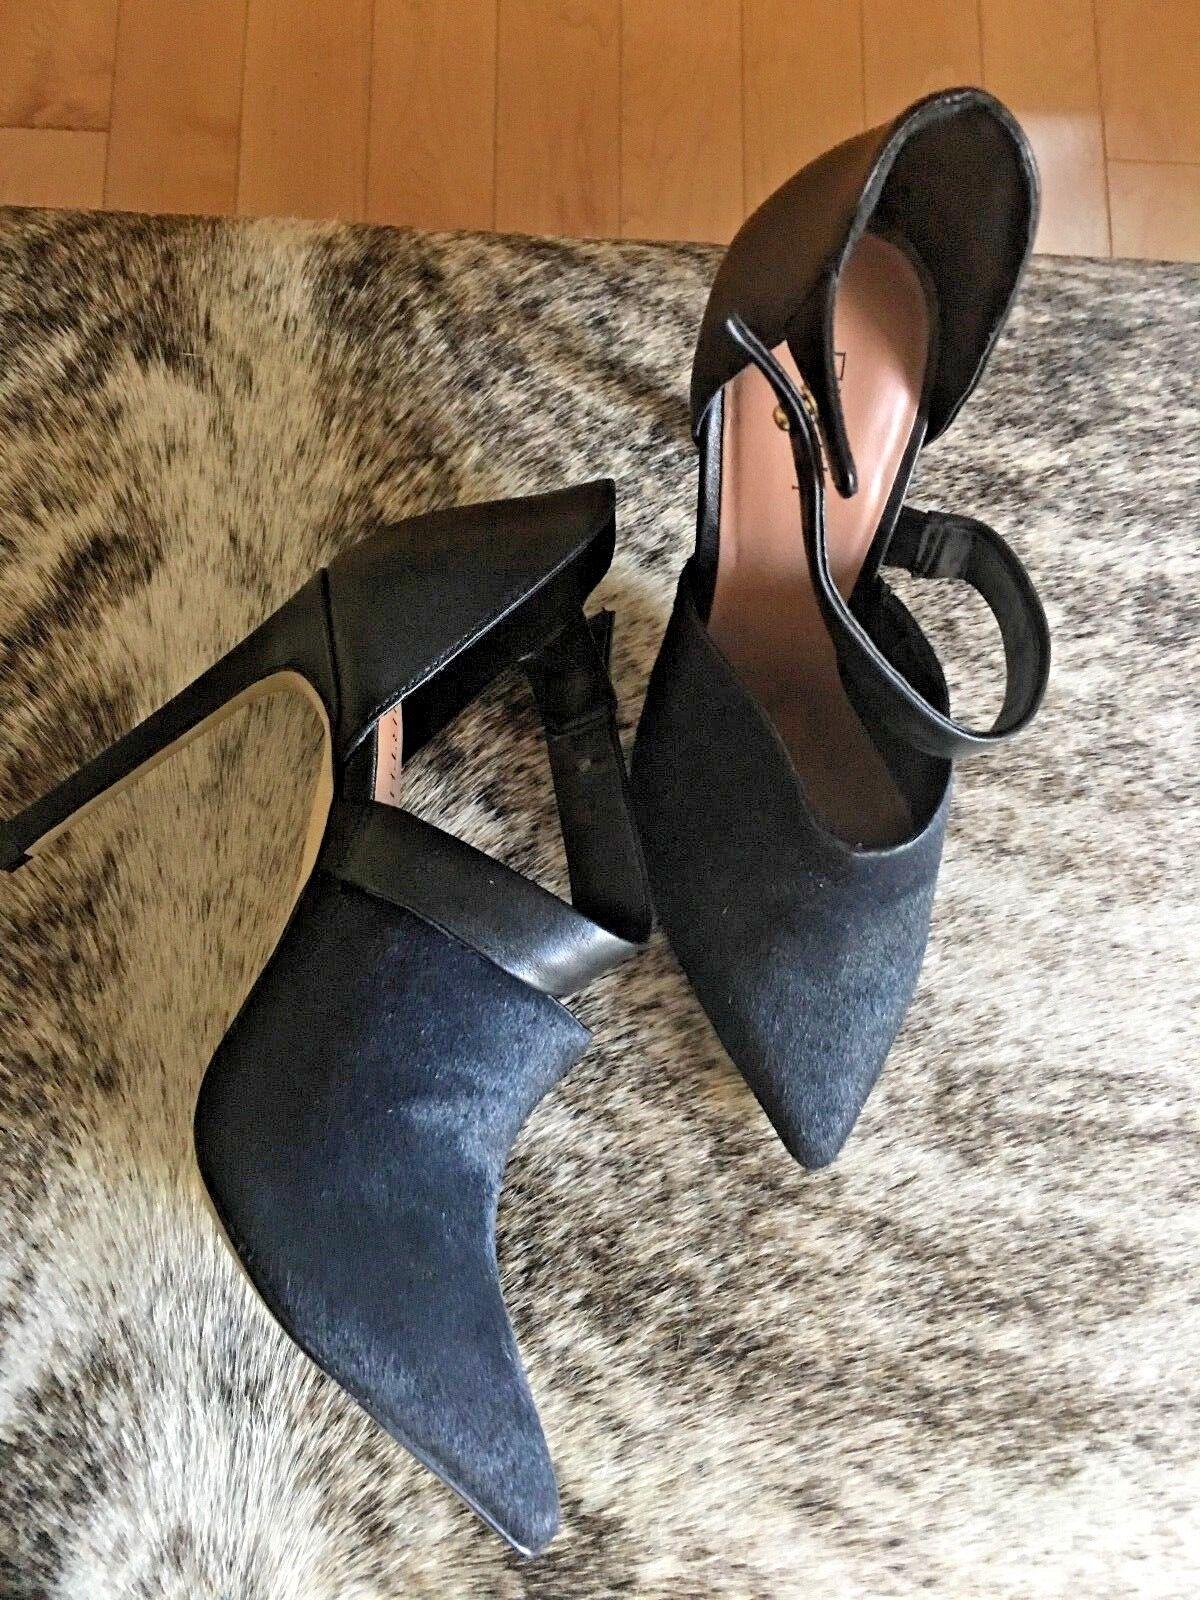 con il 100% di qualità e il 100% di servizio New Firth Strap Pump Real Fur Fur Fur Dimensione 5.5  Sconto del 70%